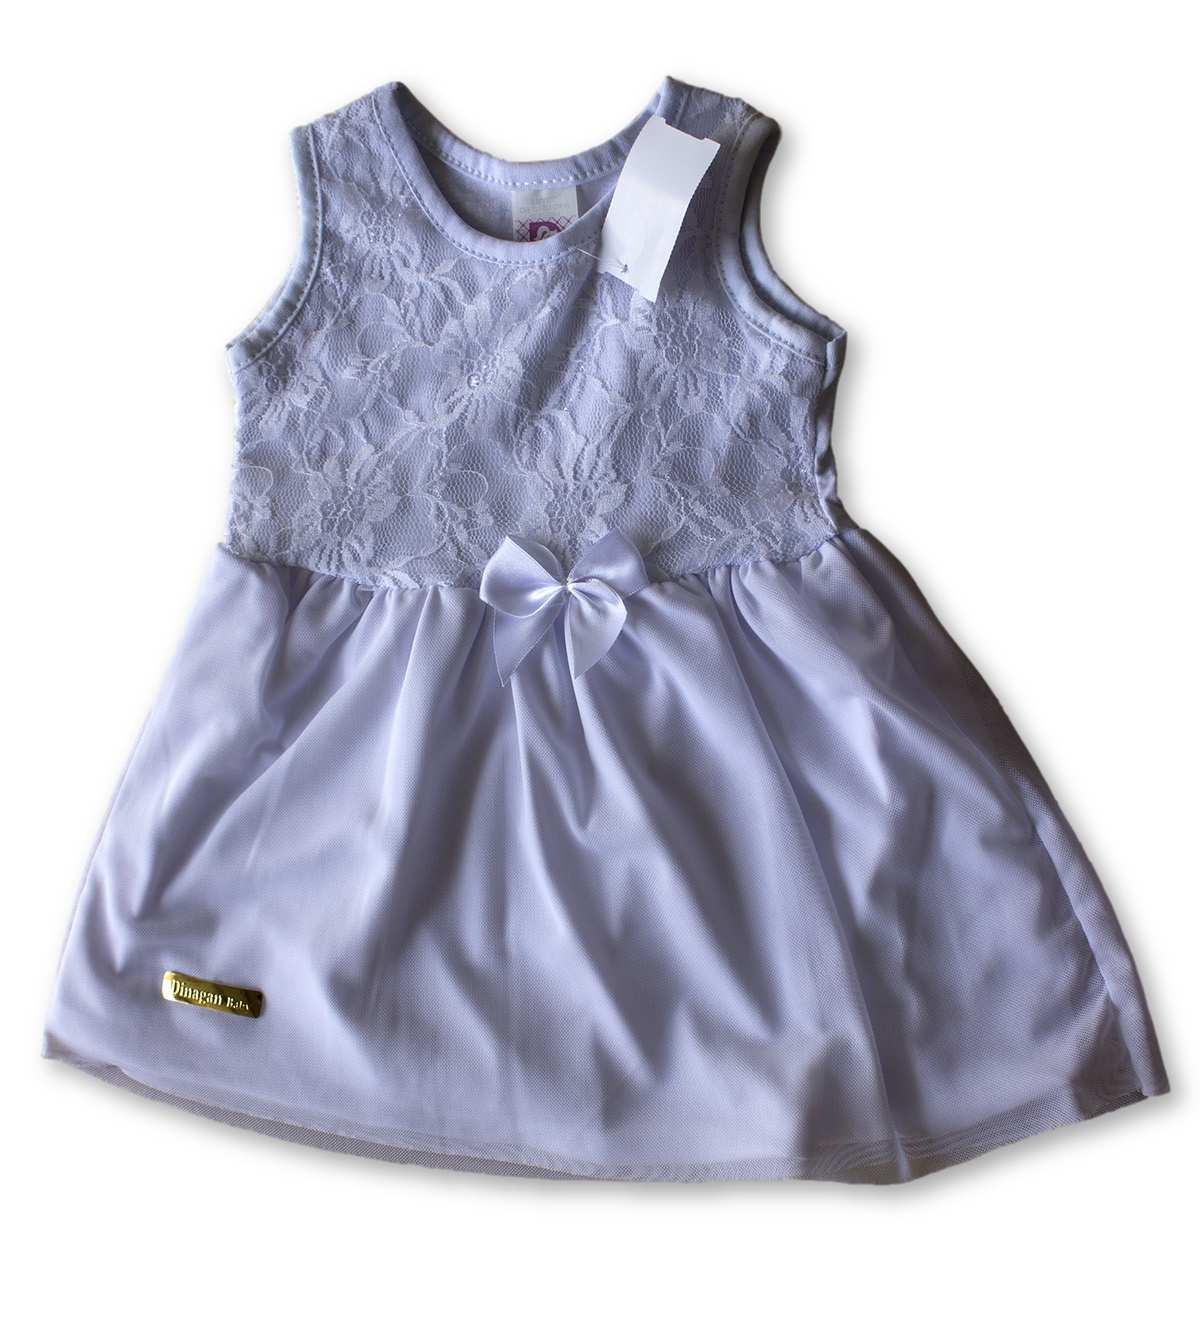 Vestido Bebê Recém Nascido Feminino Menina Cod 9106